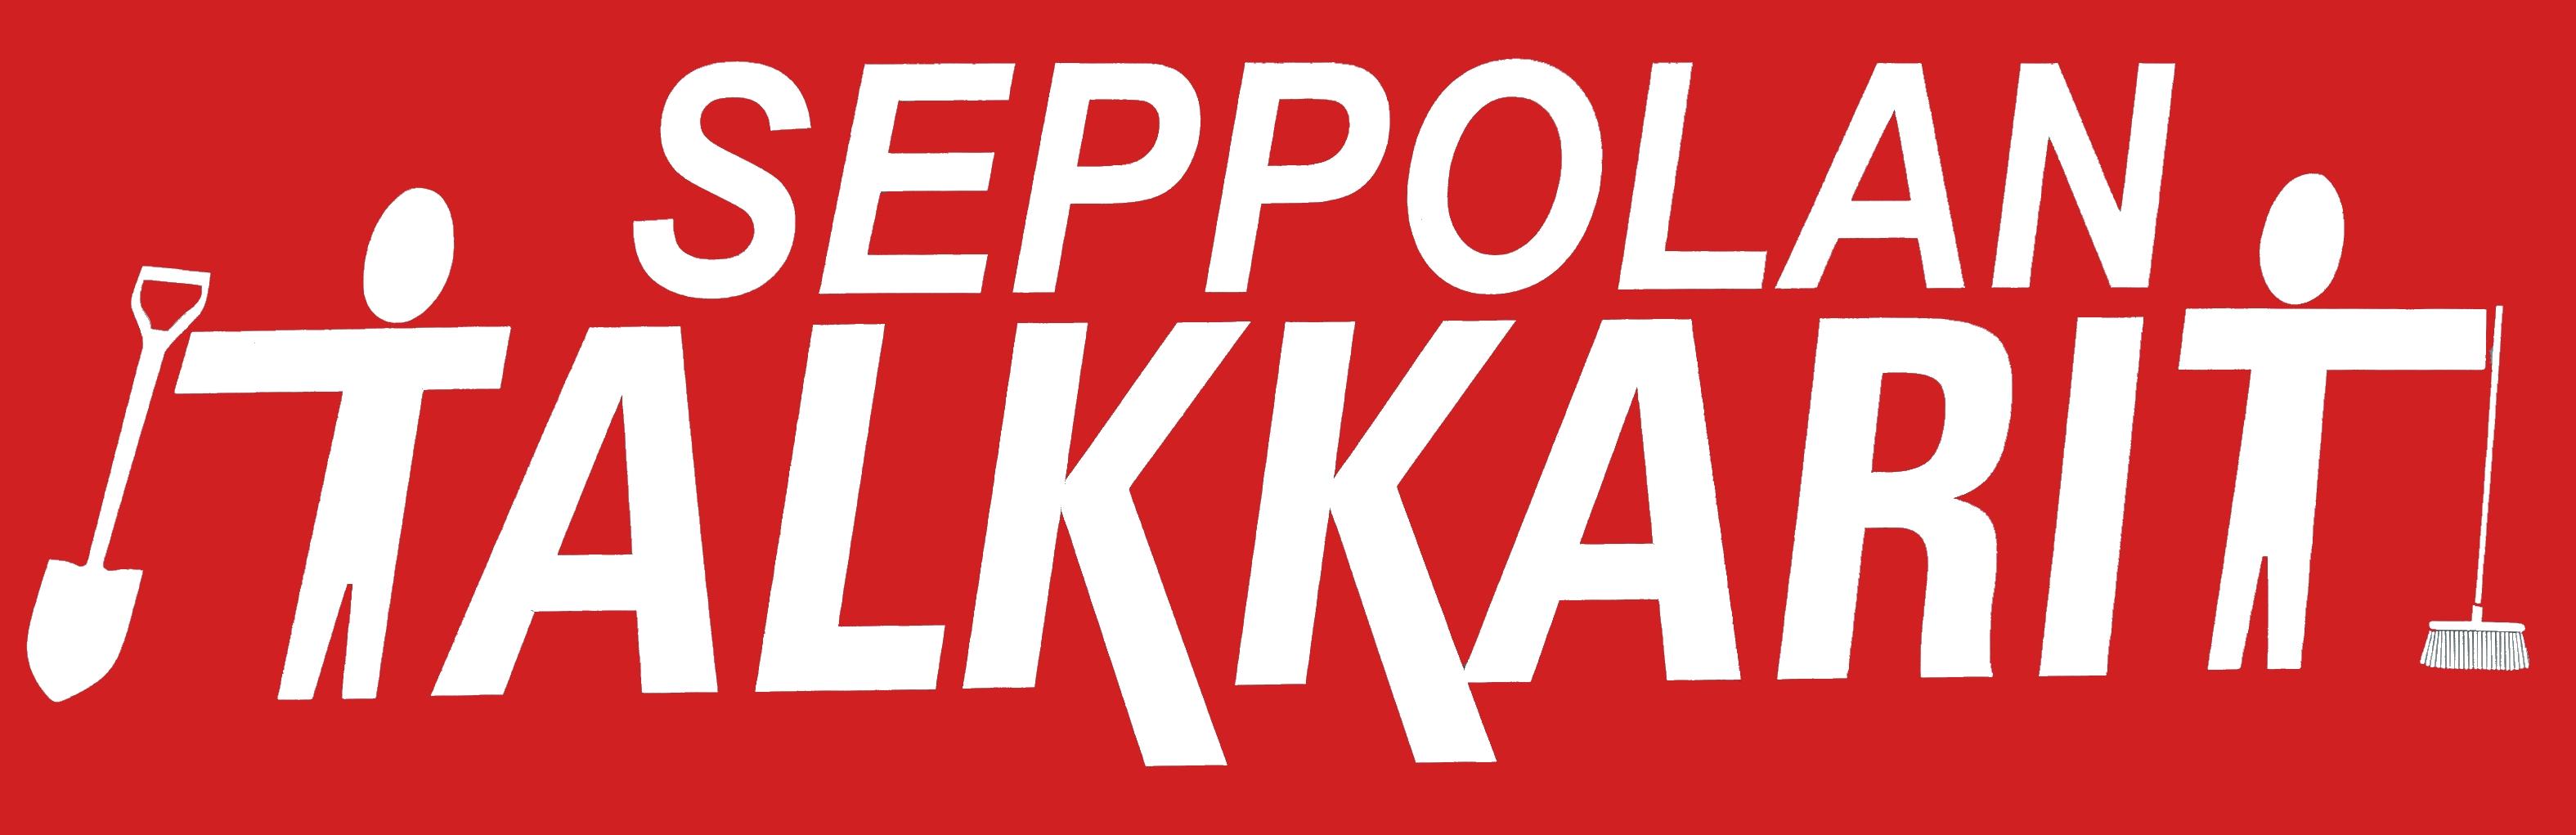 Kiinteistöhuoltopalvelut Seppolan Talkkarit Ky